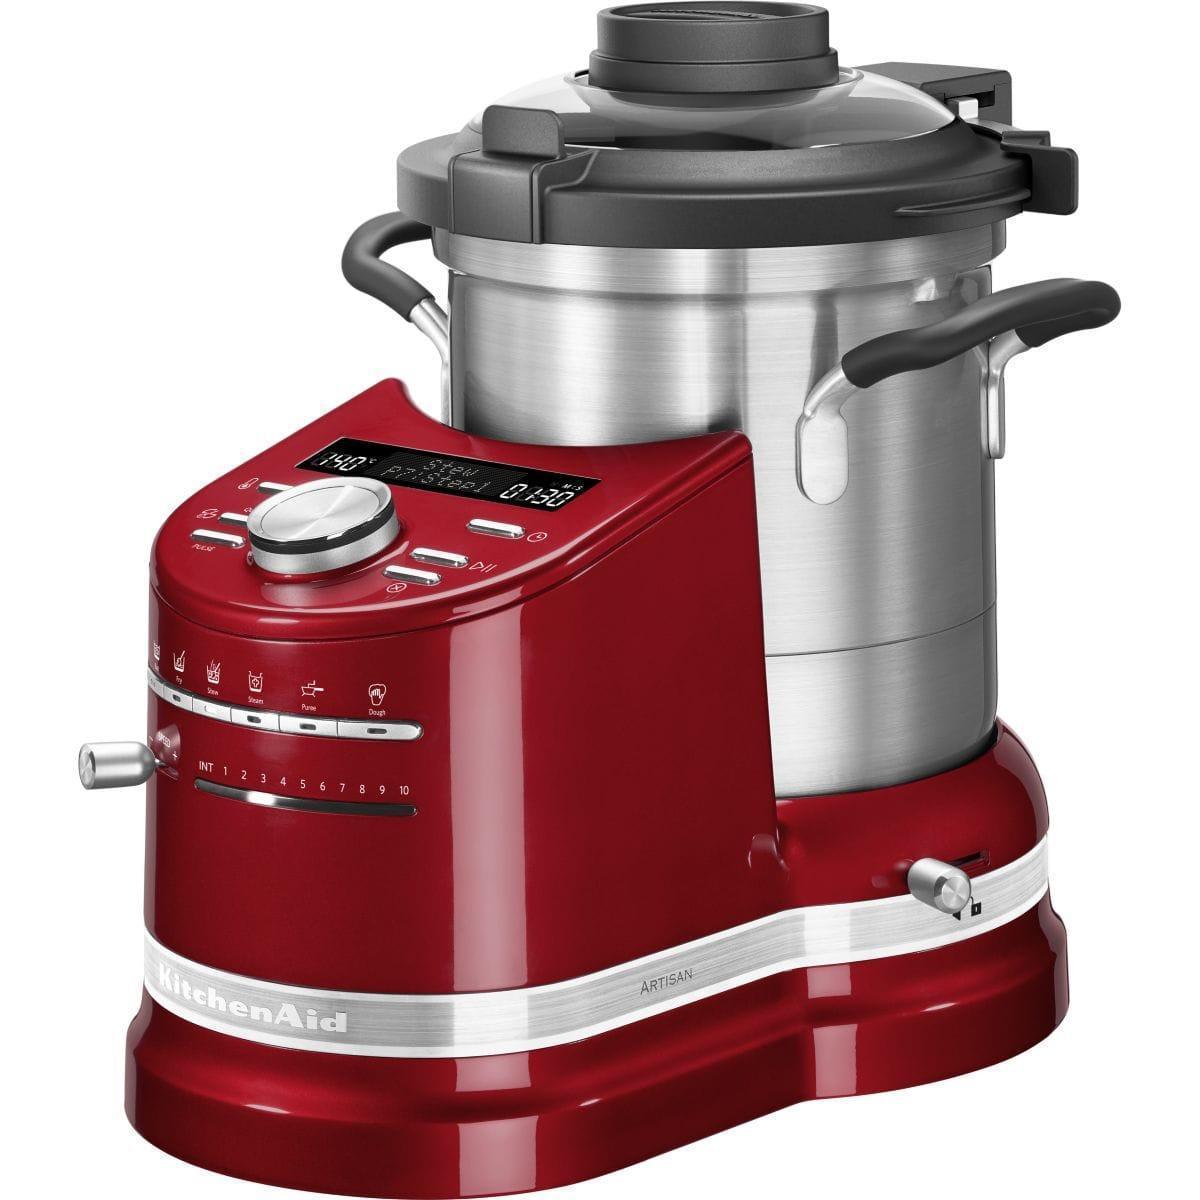 Procesador de alimentos multifunción Kitchenaid Cook Processor 5KCF0104 - Rojo